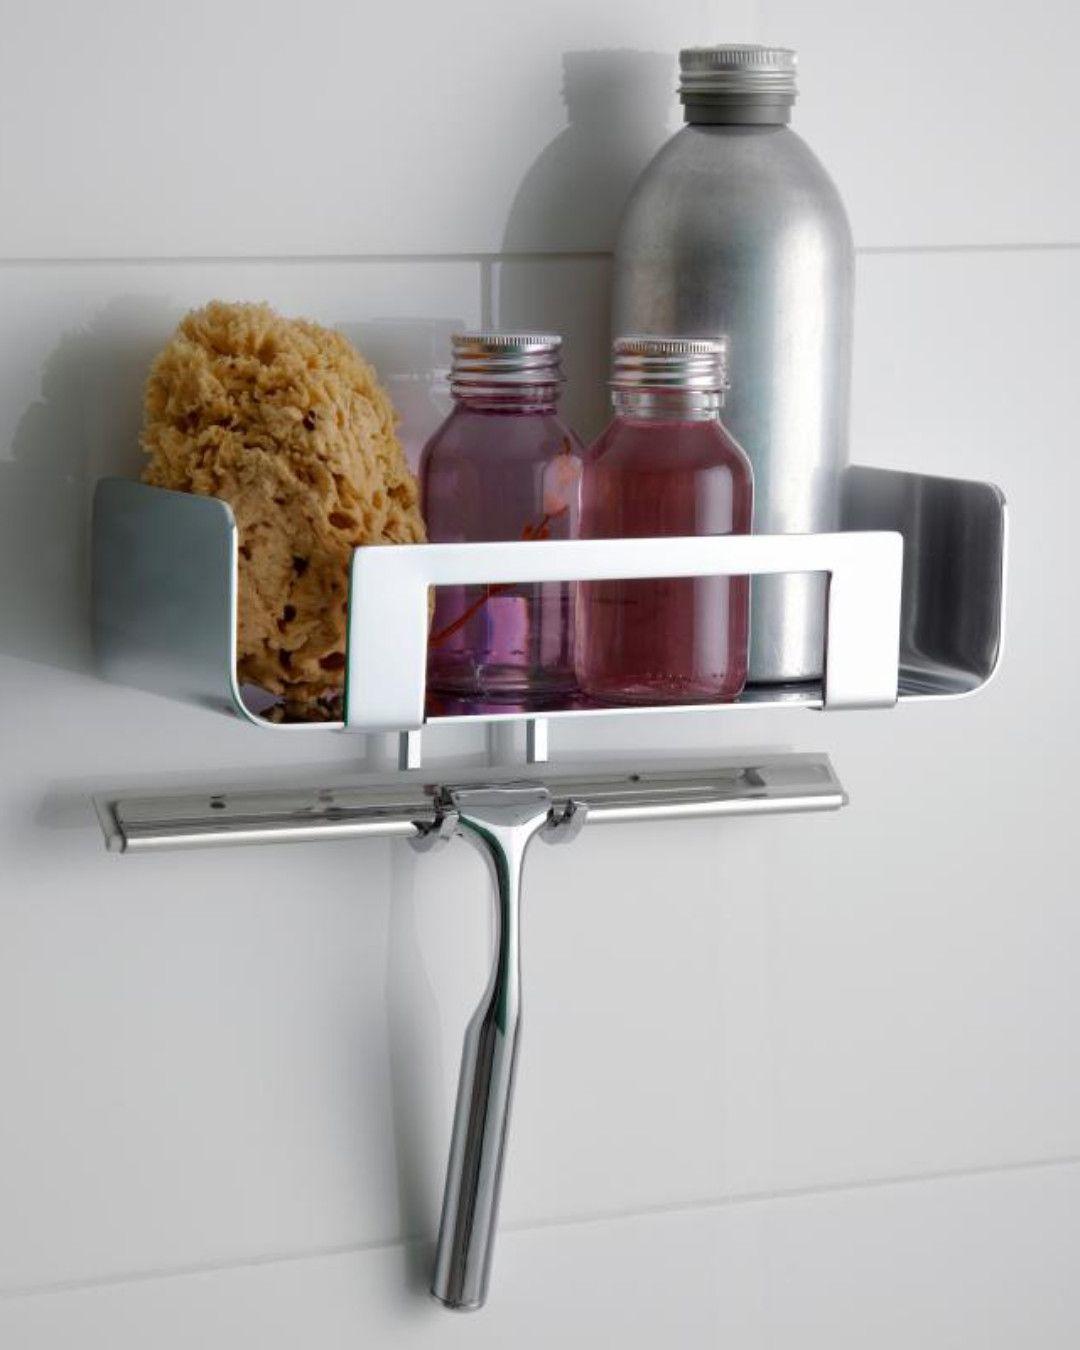 Giese Keep Duschkorb Ein schickes Accessoire für Ihren